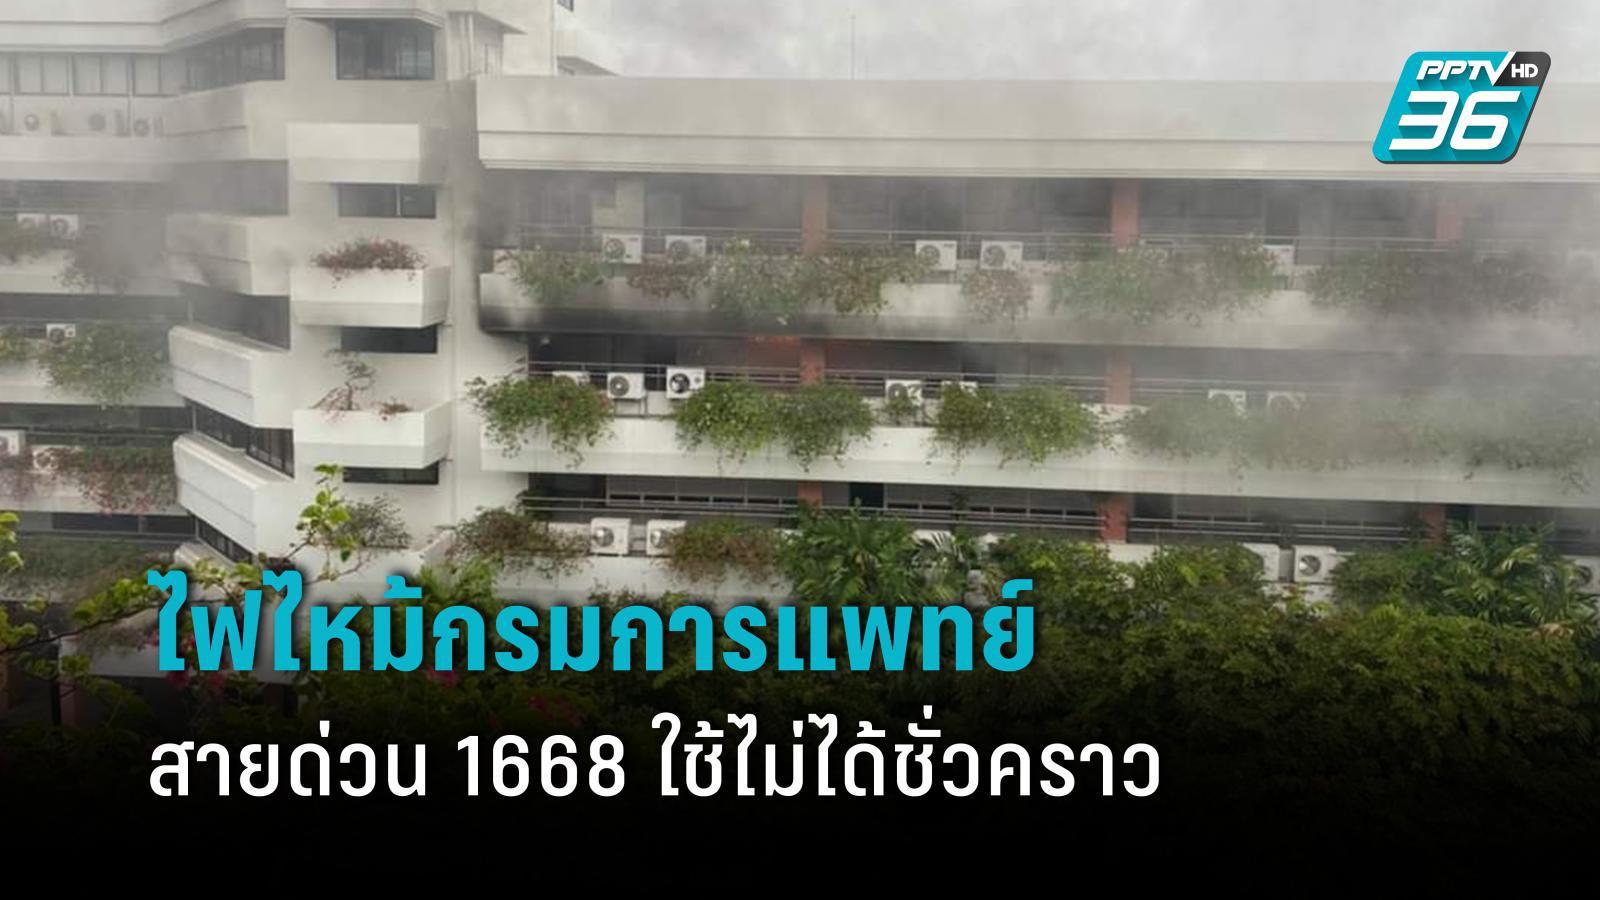 สายด่วน 1668 ใช้ไม่ได้ชั่วคราว เหตุไฟไหม้อาคารกรมการแพทย์